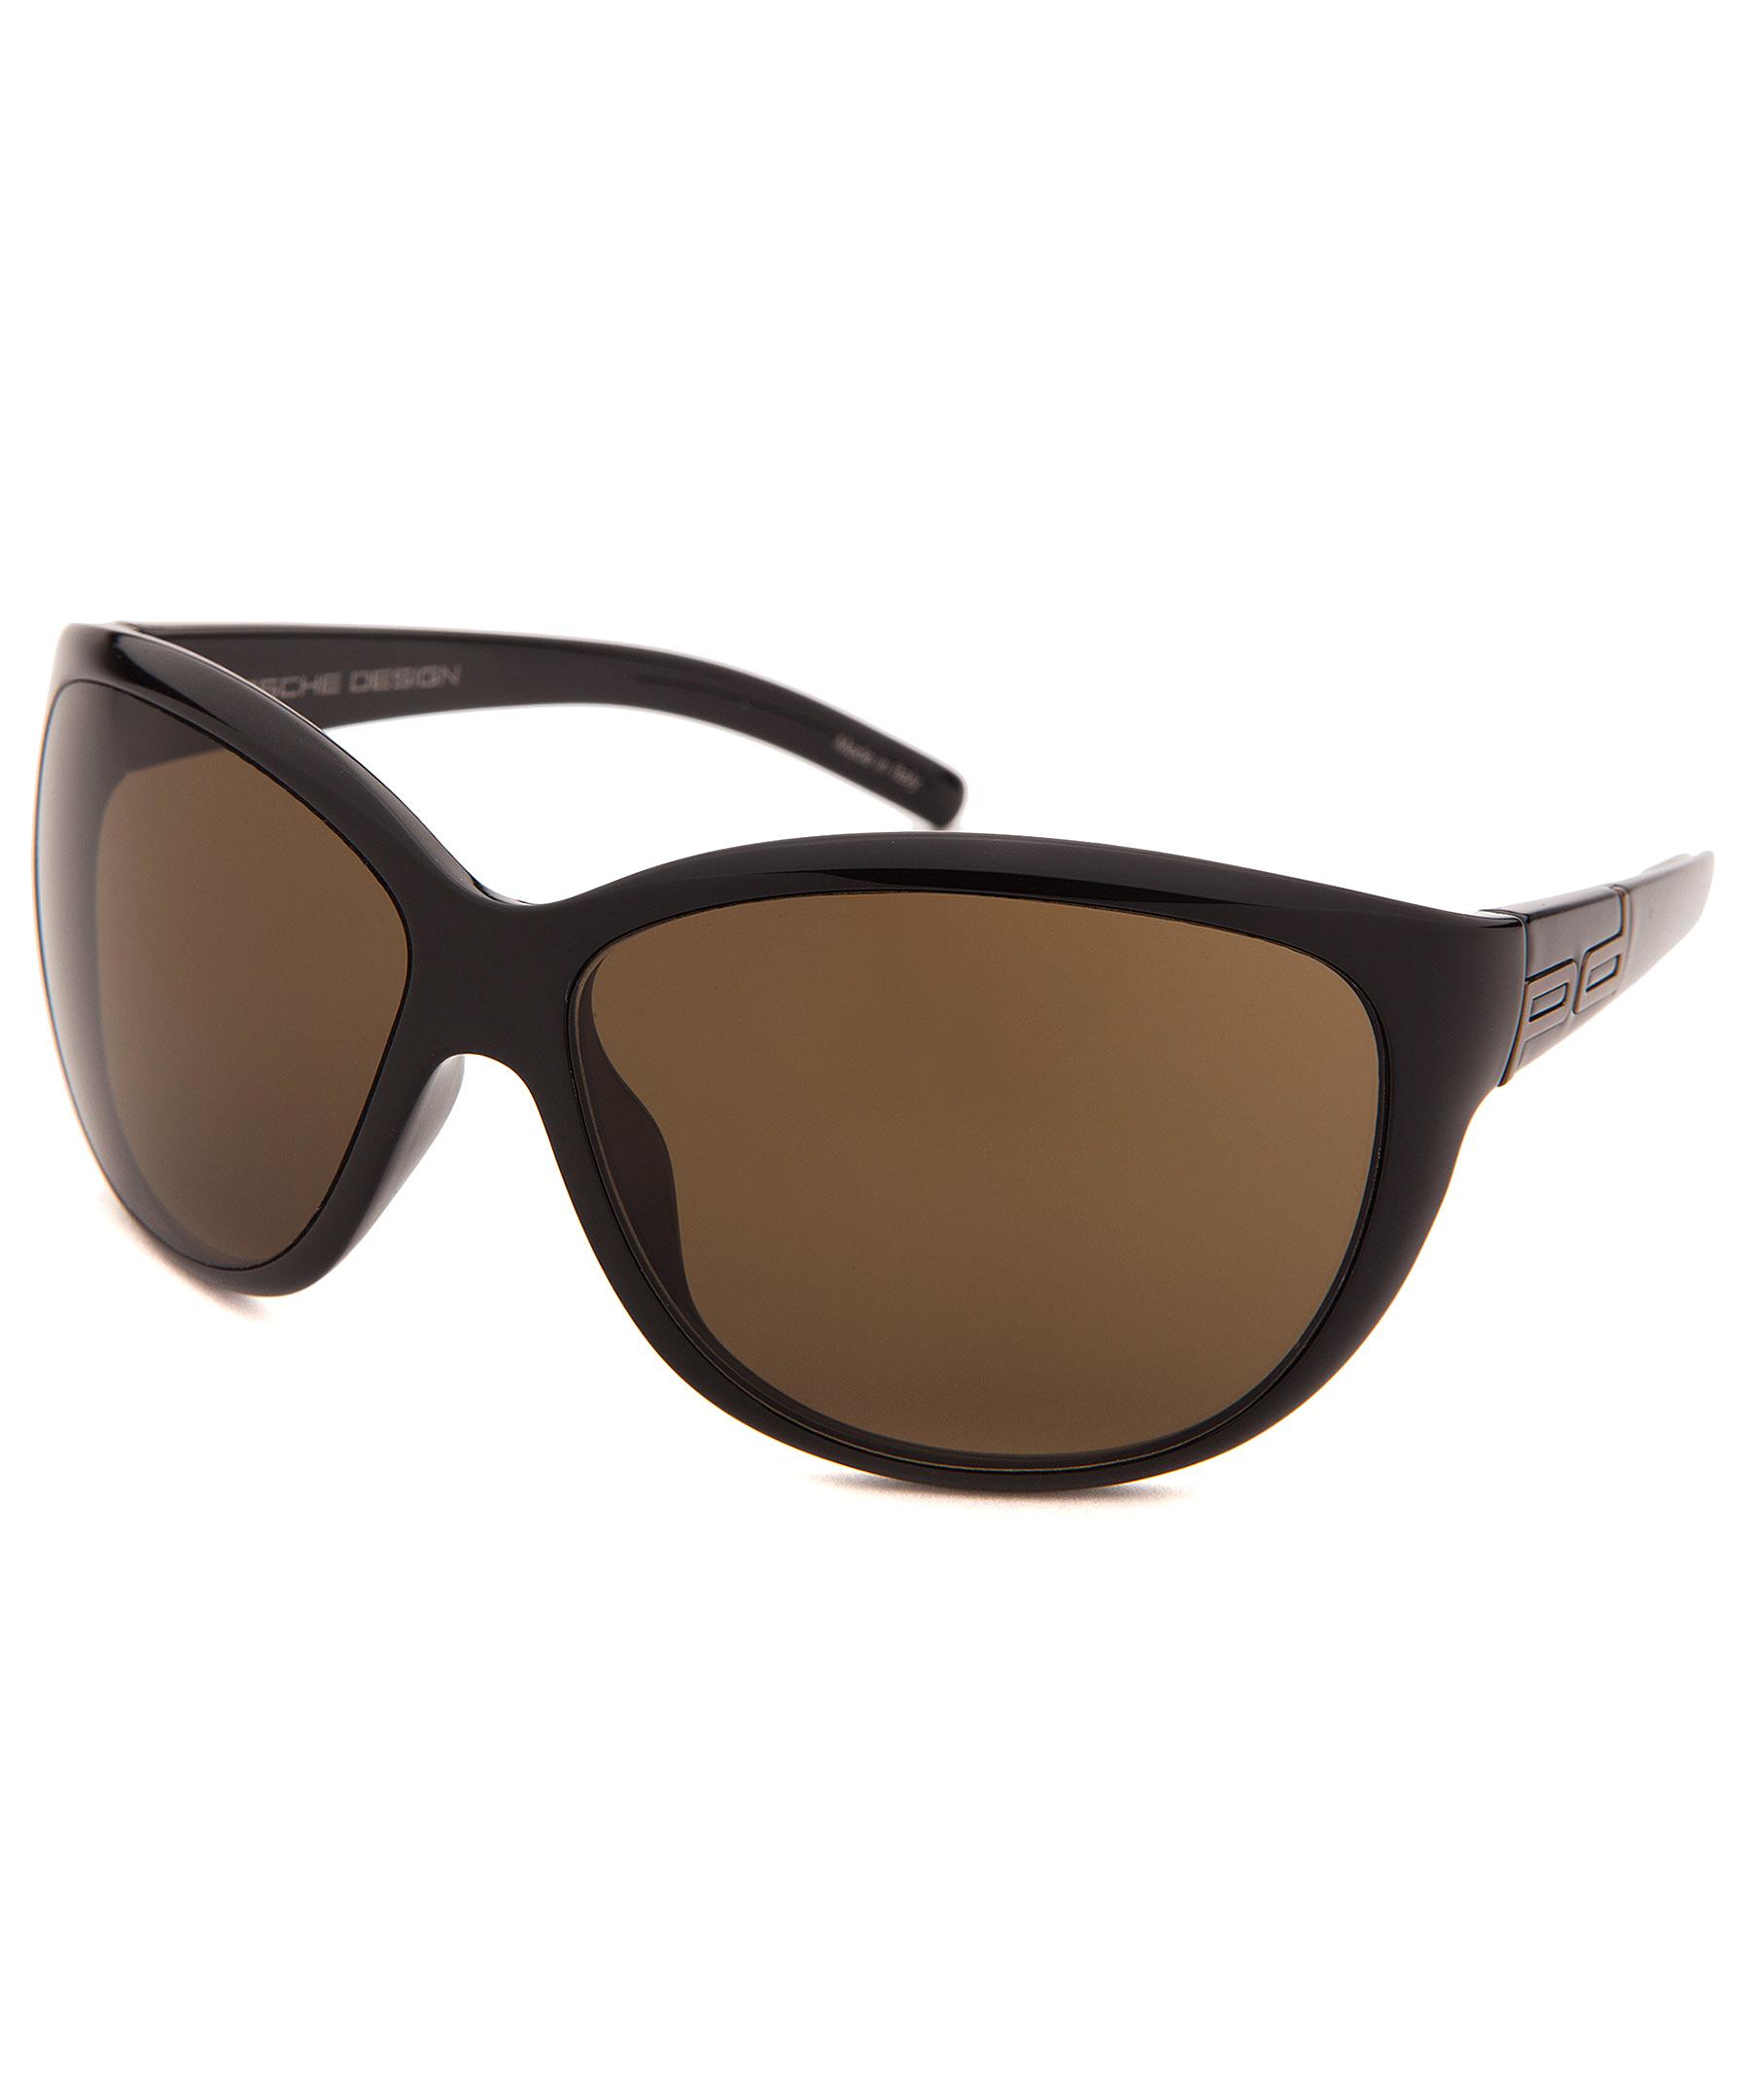 Porsche Design Women S Round Black Sunglasses In Brown